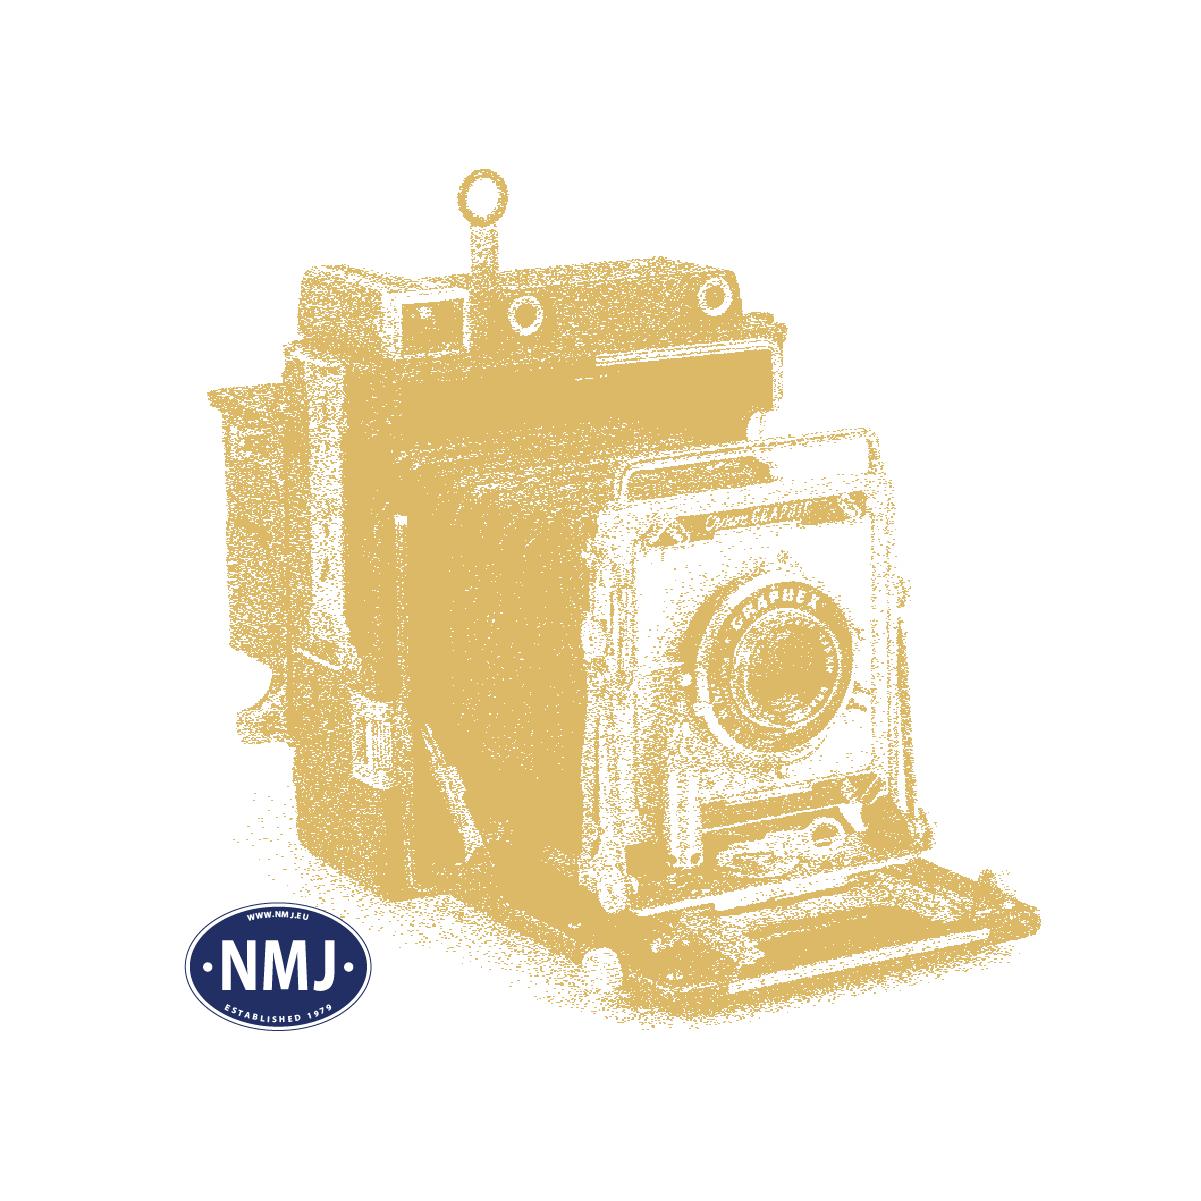 NMJT9935 - Gitter og takisolatorer for El11